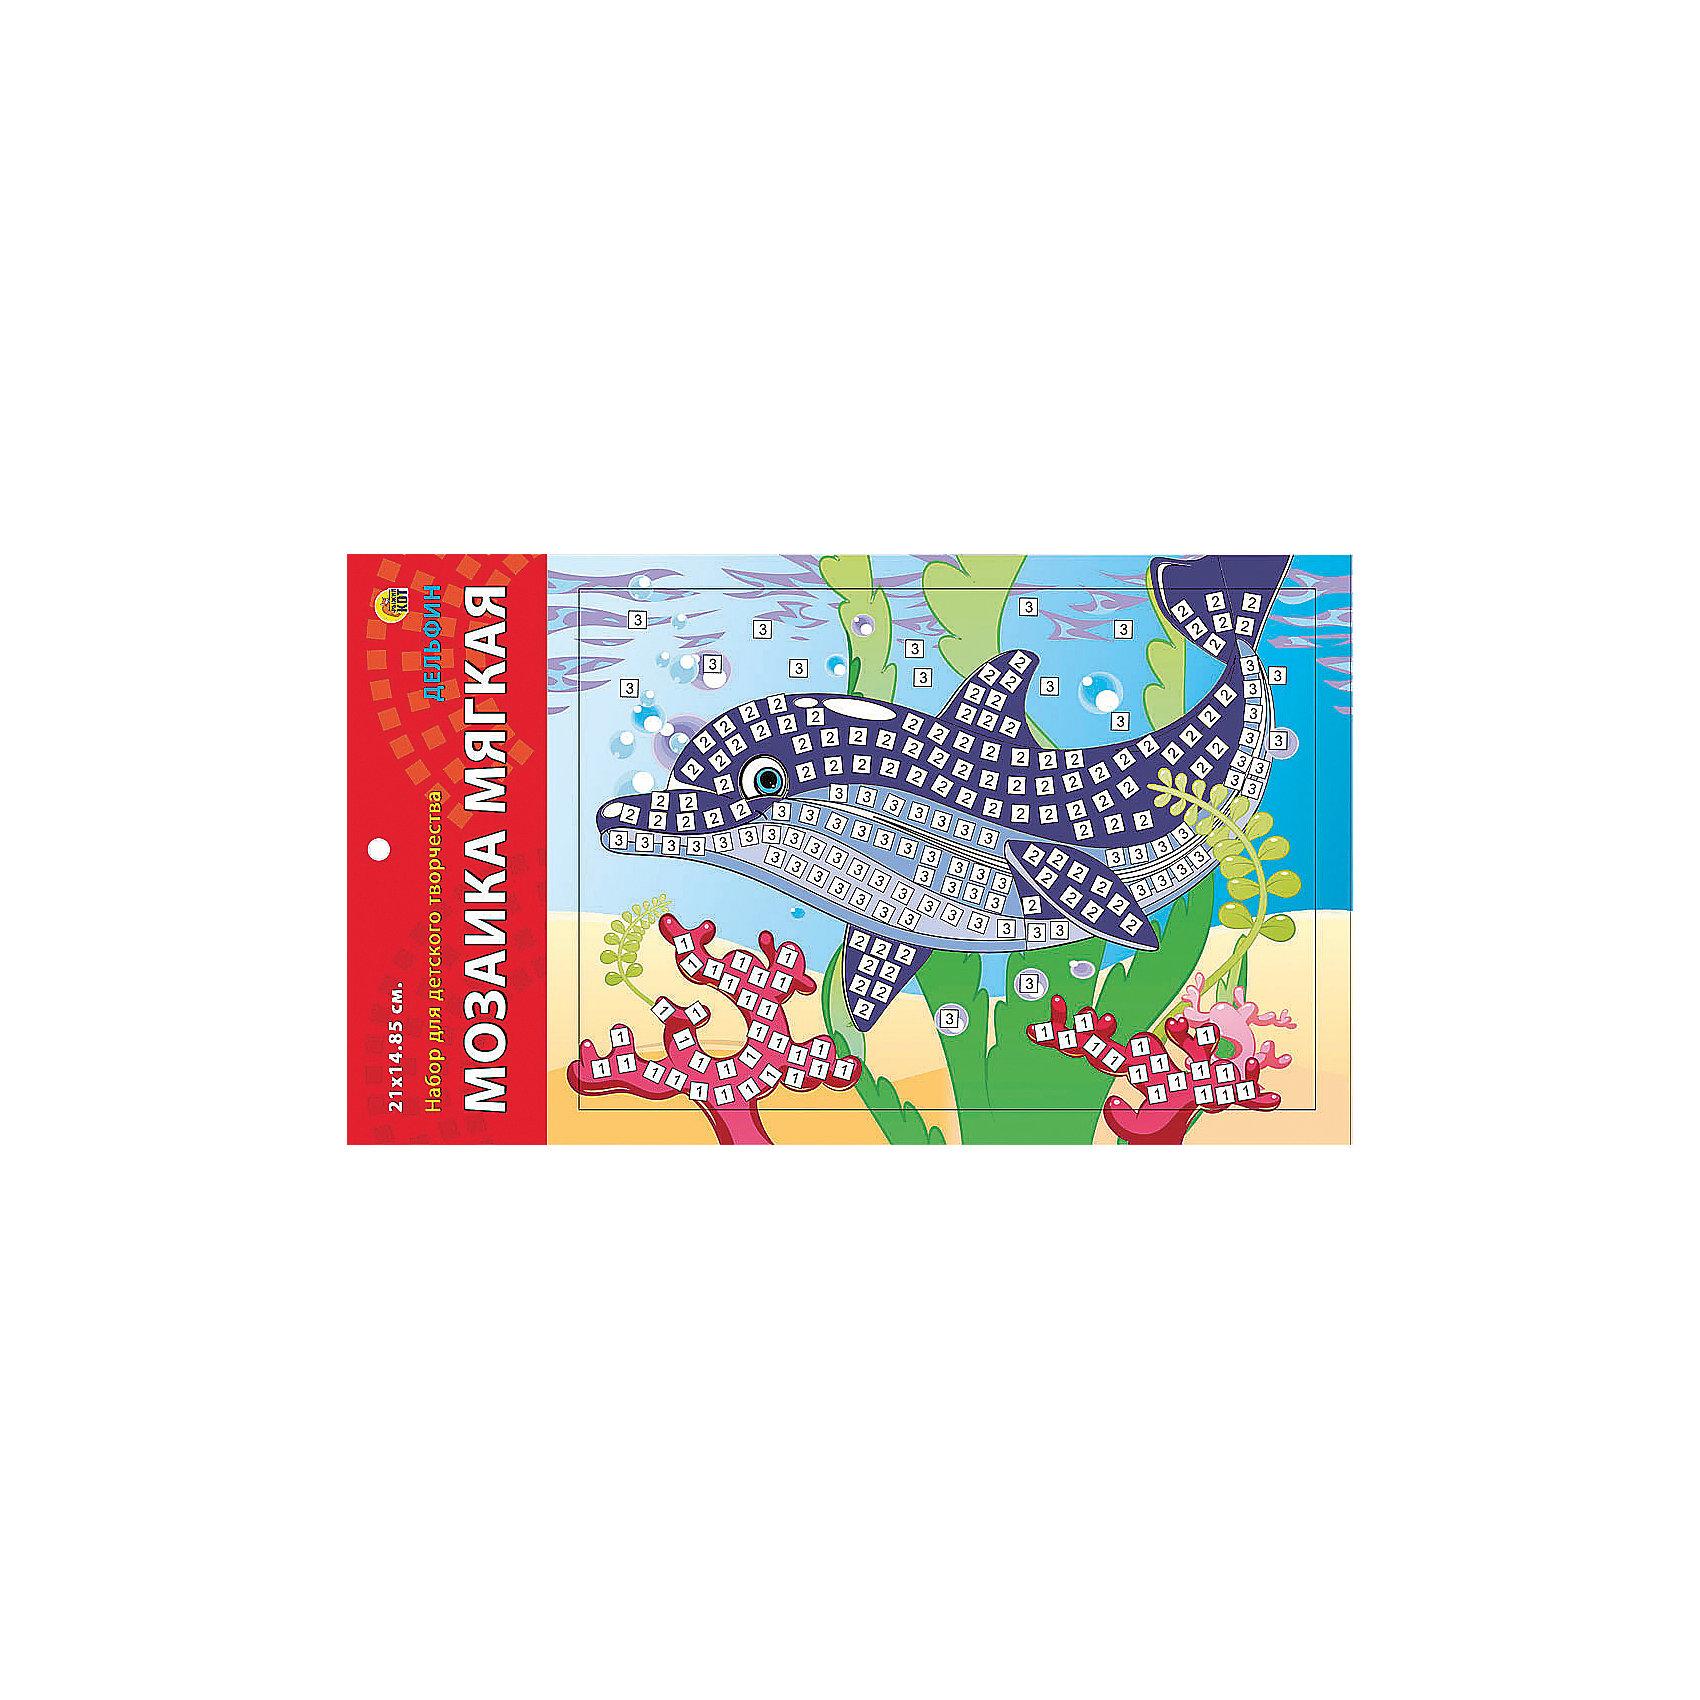 Мягкая мозаика Дельфин формат А5 (21х15 см)Замечательный набор для детского творчества серии Мягкая мозаика станет прекрасным подарком для Вашего ребёнка, ведь он развивает творческие способности, мелкую моторику рук, цветовосприятие, внимание и художественный вкус! Малышу просто необходимо приклеить к пронумерованным областям на картинке детали соответствующих цветов. Набор привлекает ярким красивым дизайном и выполнен из безопасных материалов. Предназначено для детей в возрасте от 3-х лет.<br><br>Ширина мм: 350<br>Глубина мм: 50<br>Высота мм: 225<br>Вес г: 450<br>Возраст от месяцев: 0<br>Возраст до месяцев: 108<br>Пол: Унисекс<br>Возраст: Детский<br>SKU: 5096860